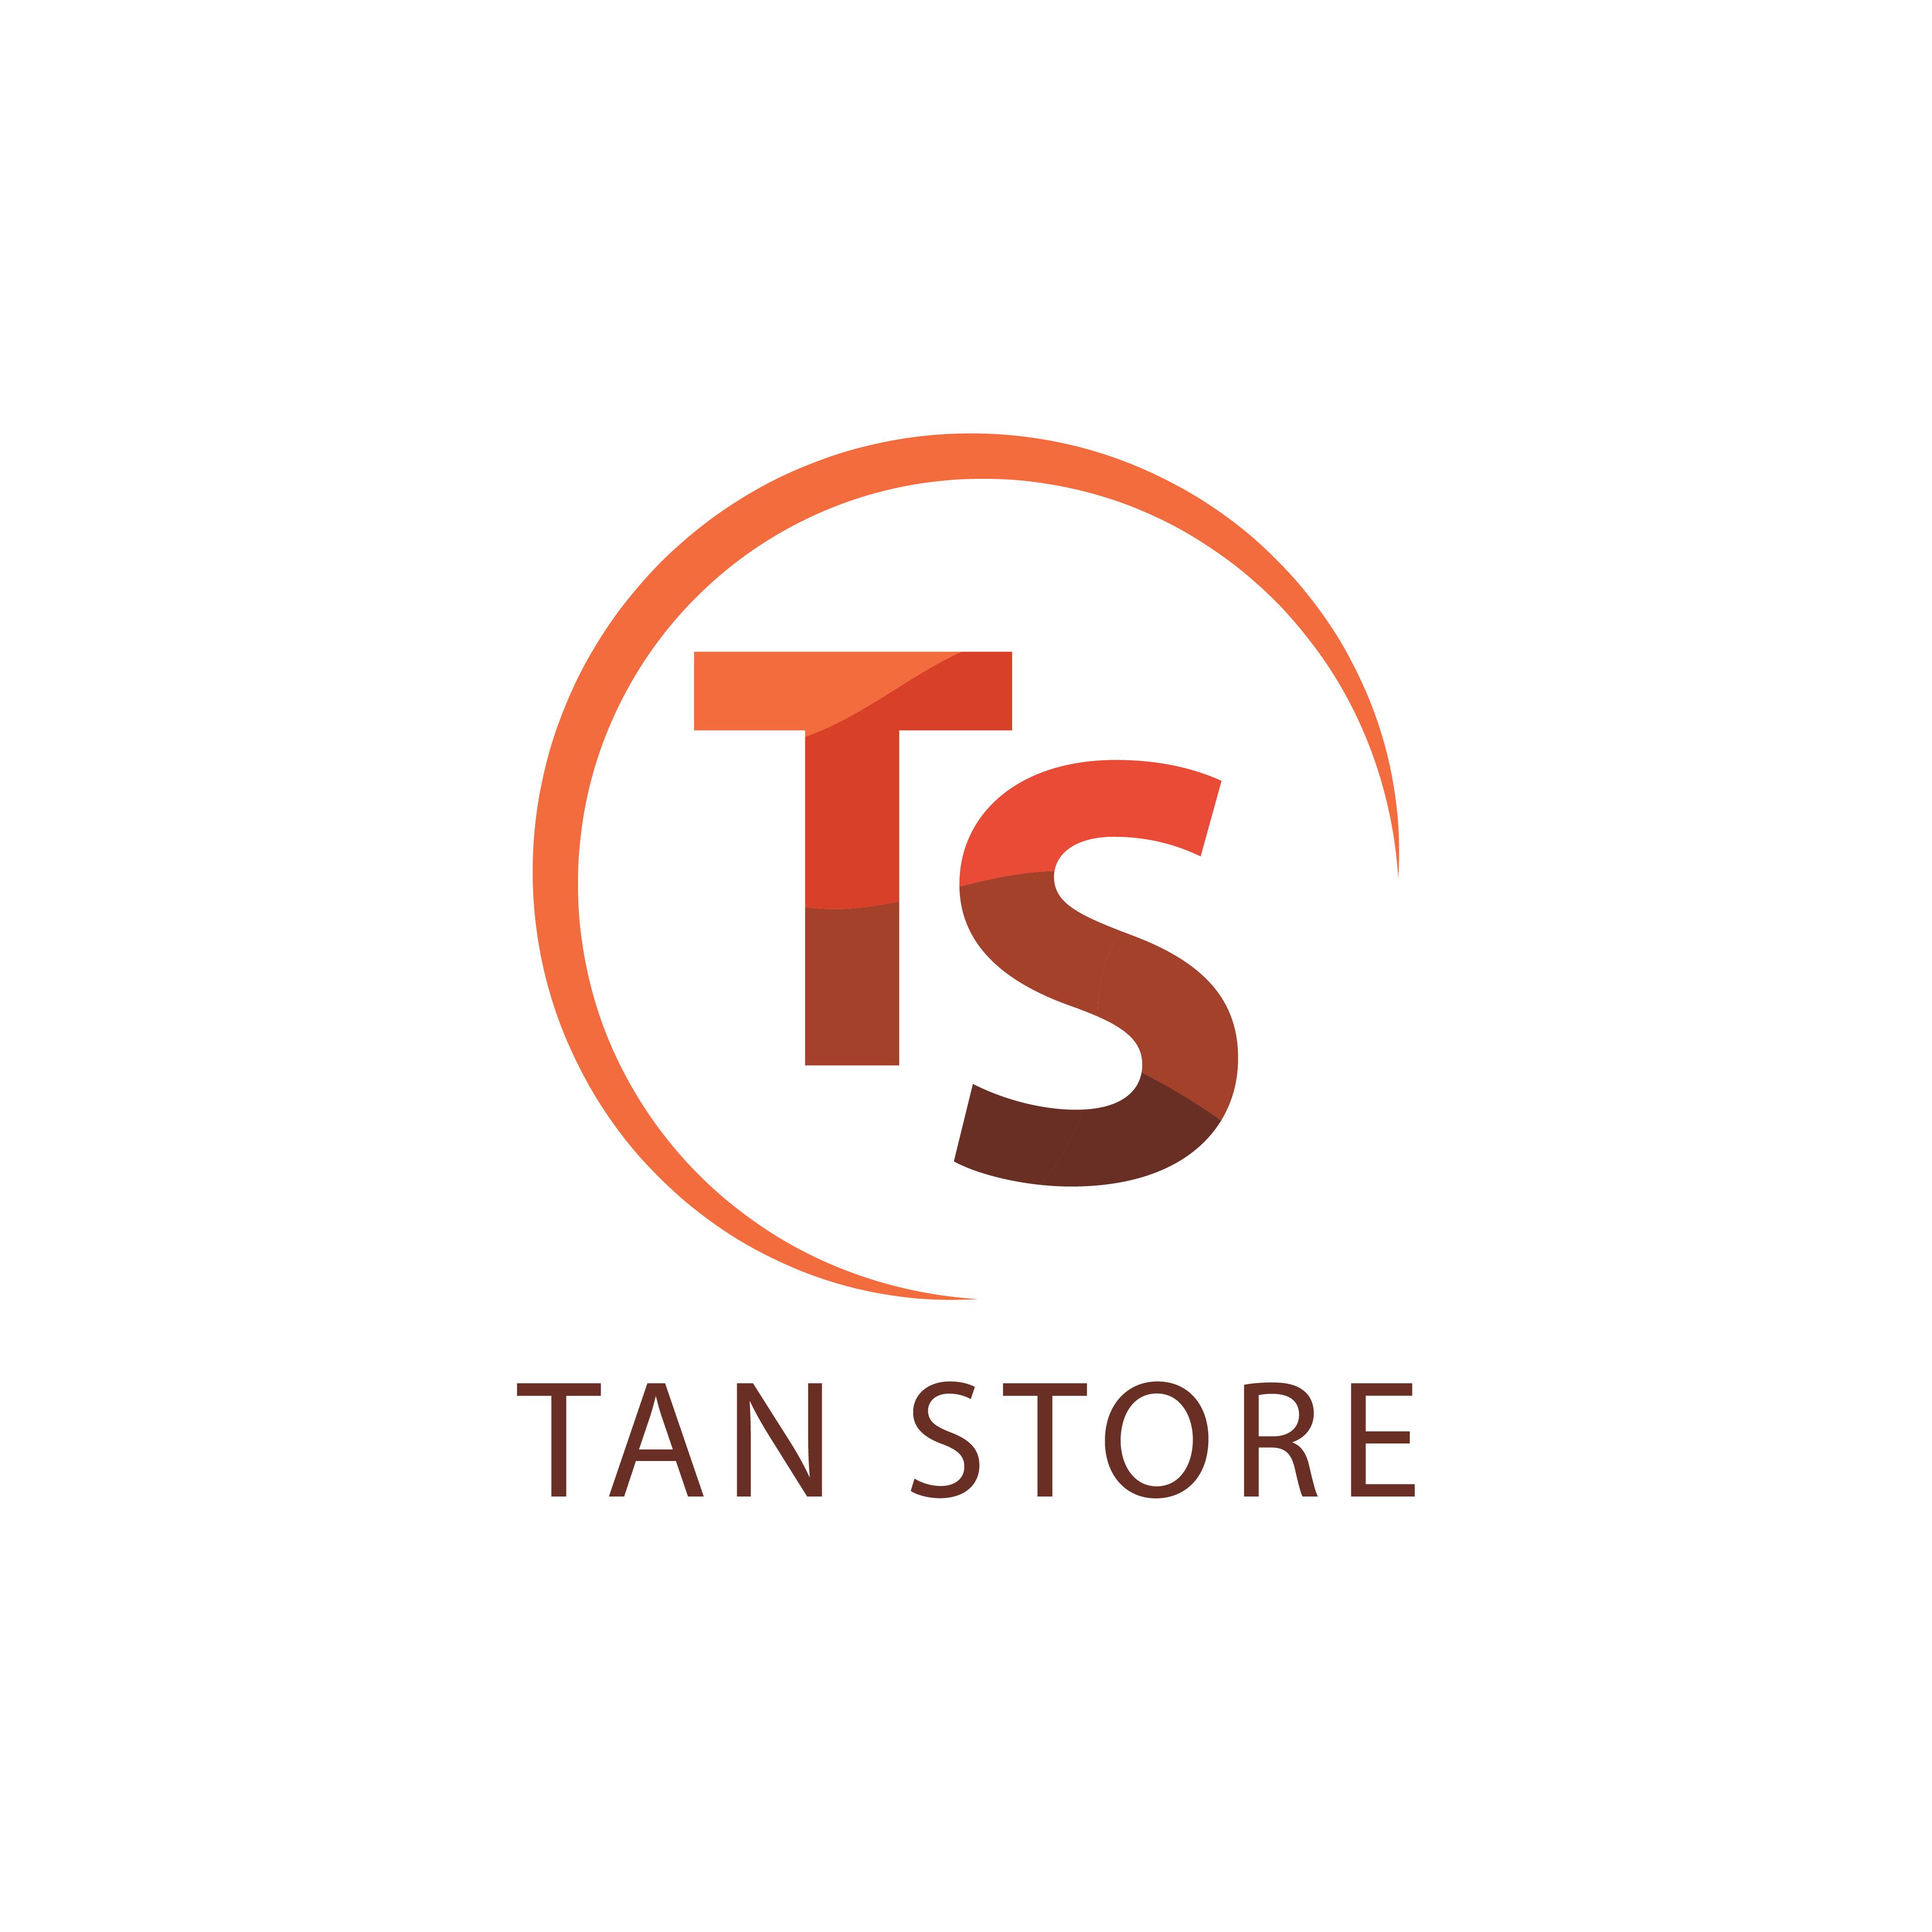 Tan Store